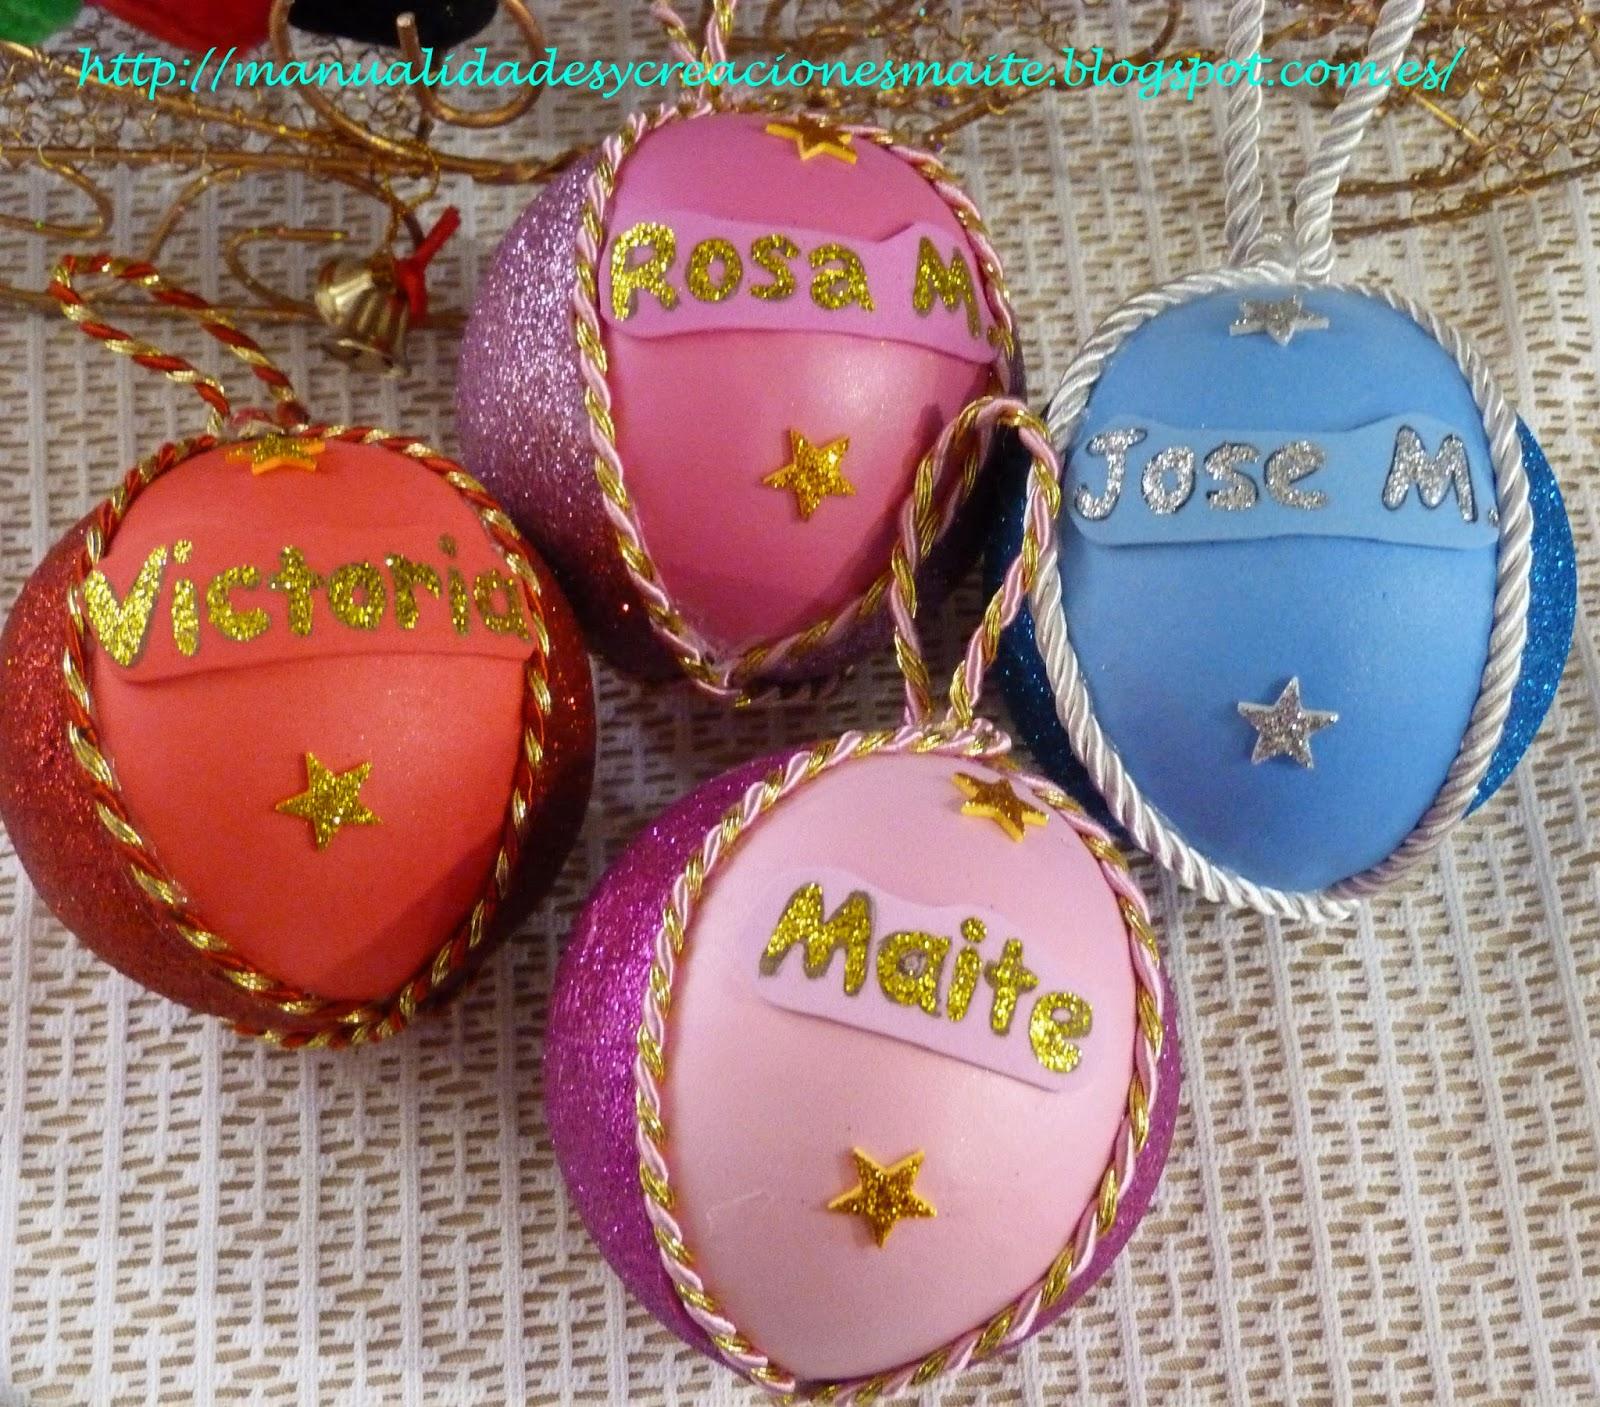 Fofuchas manualidades y creaciones maite diciembre 2013 - Bolas de cristal personalizadas ...